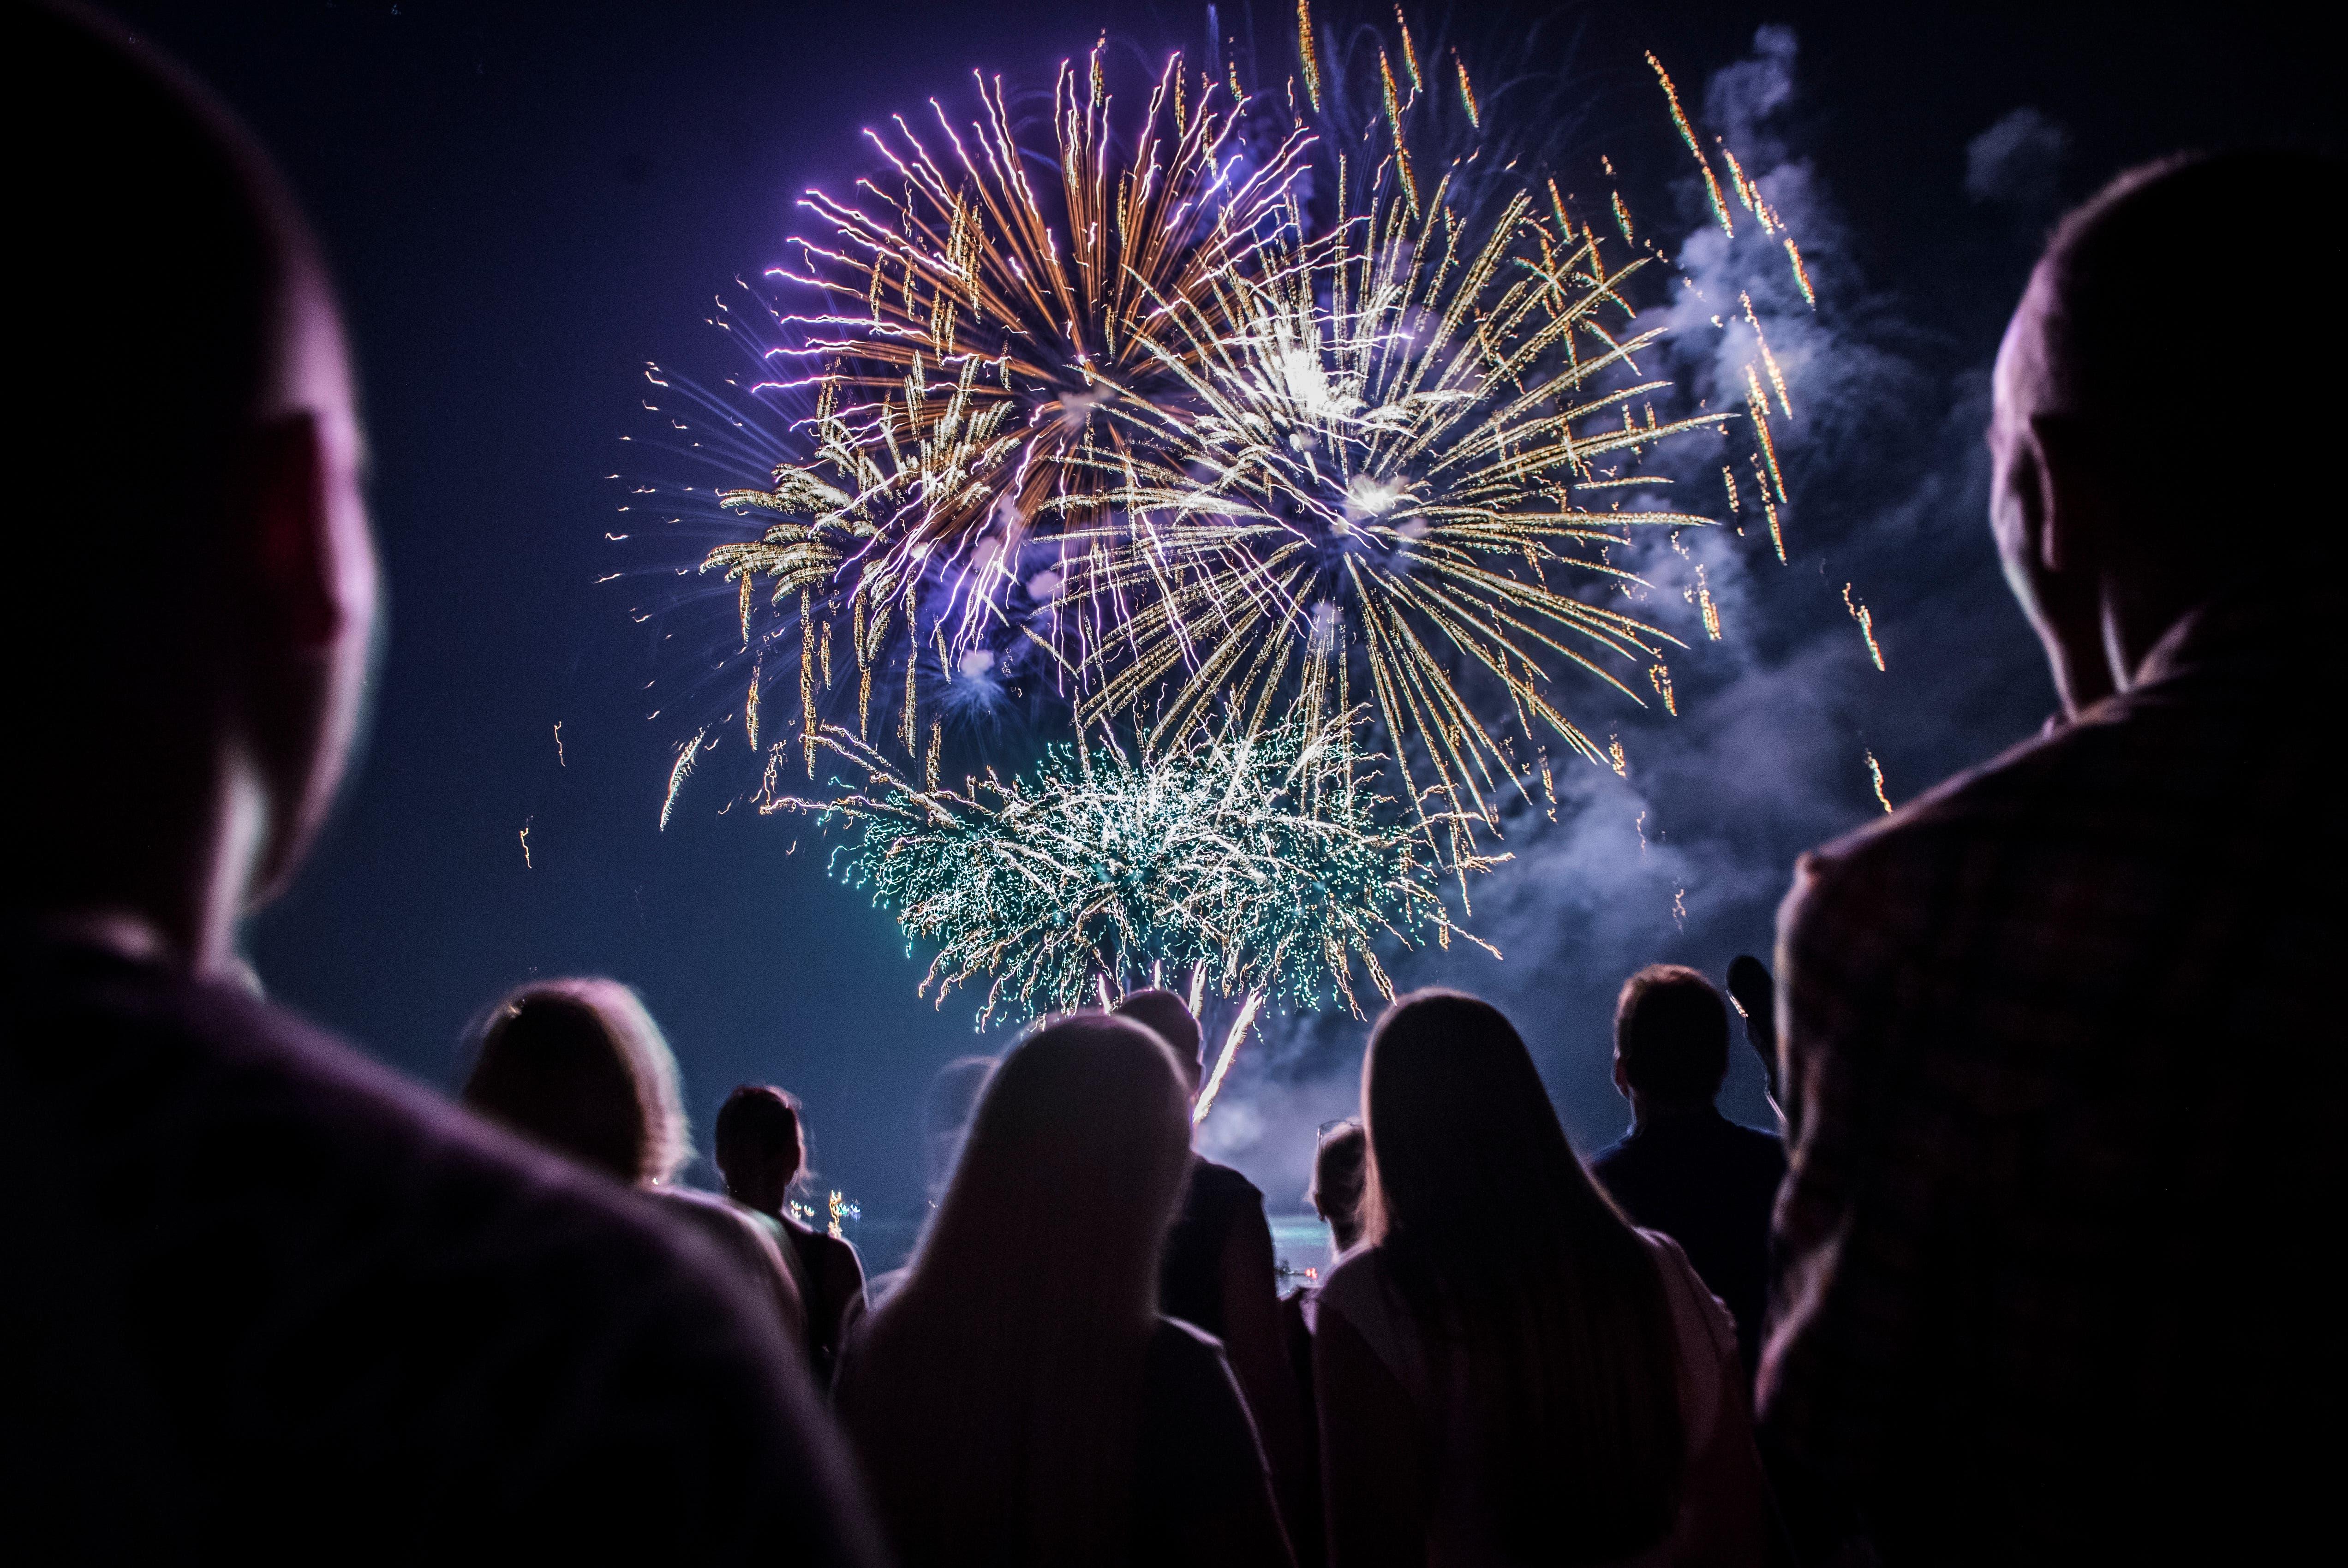 Fulminantes Feuerwerk am Sommernachtsfest in Romanshorn. (Bild: Reto Martin)